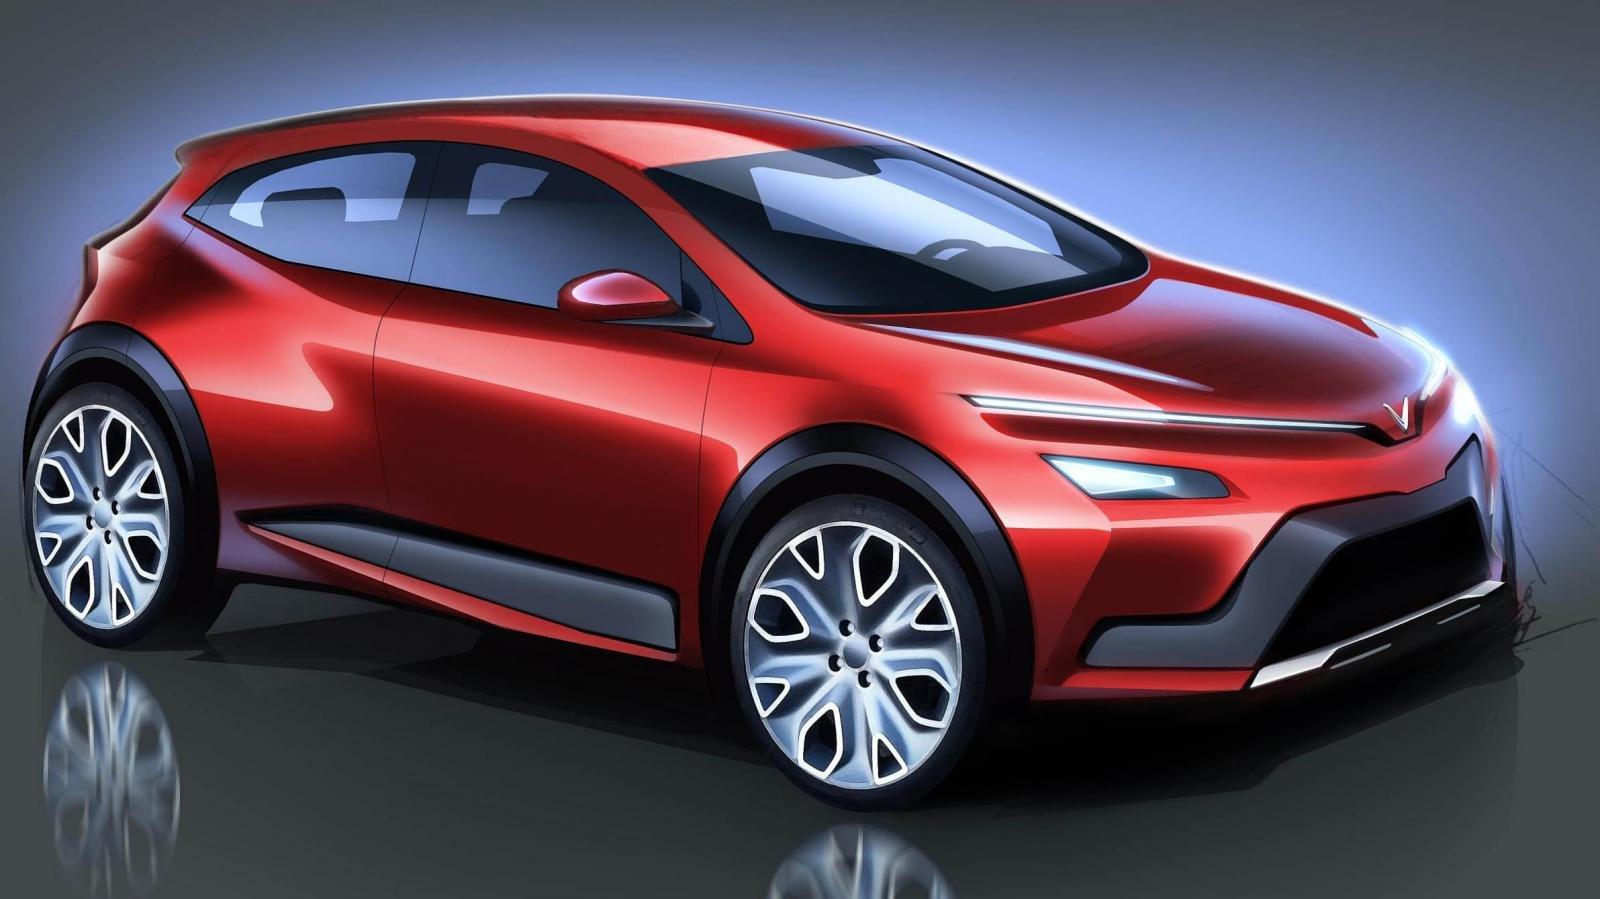 Lộ diện 7 mẫu xe VinFast Pre được người Việt bình chọn nhiều nhất a1